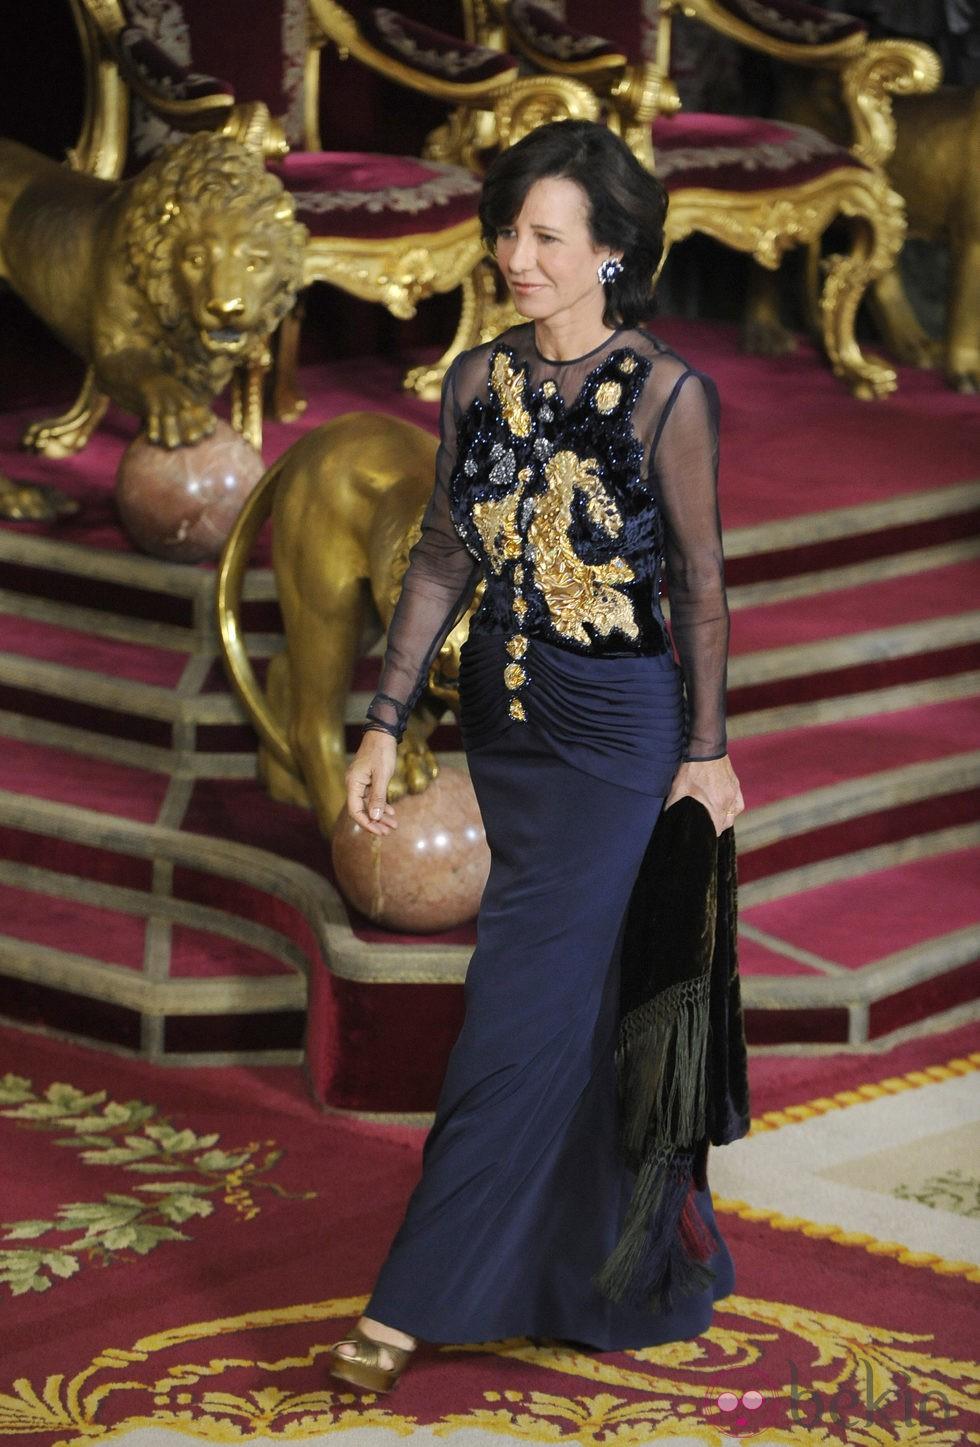 Ana Patricia Botín en la cena de gala ofrecida por los Reyes Felipe y Letizia a Michelle Bachelet